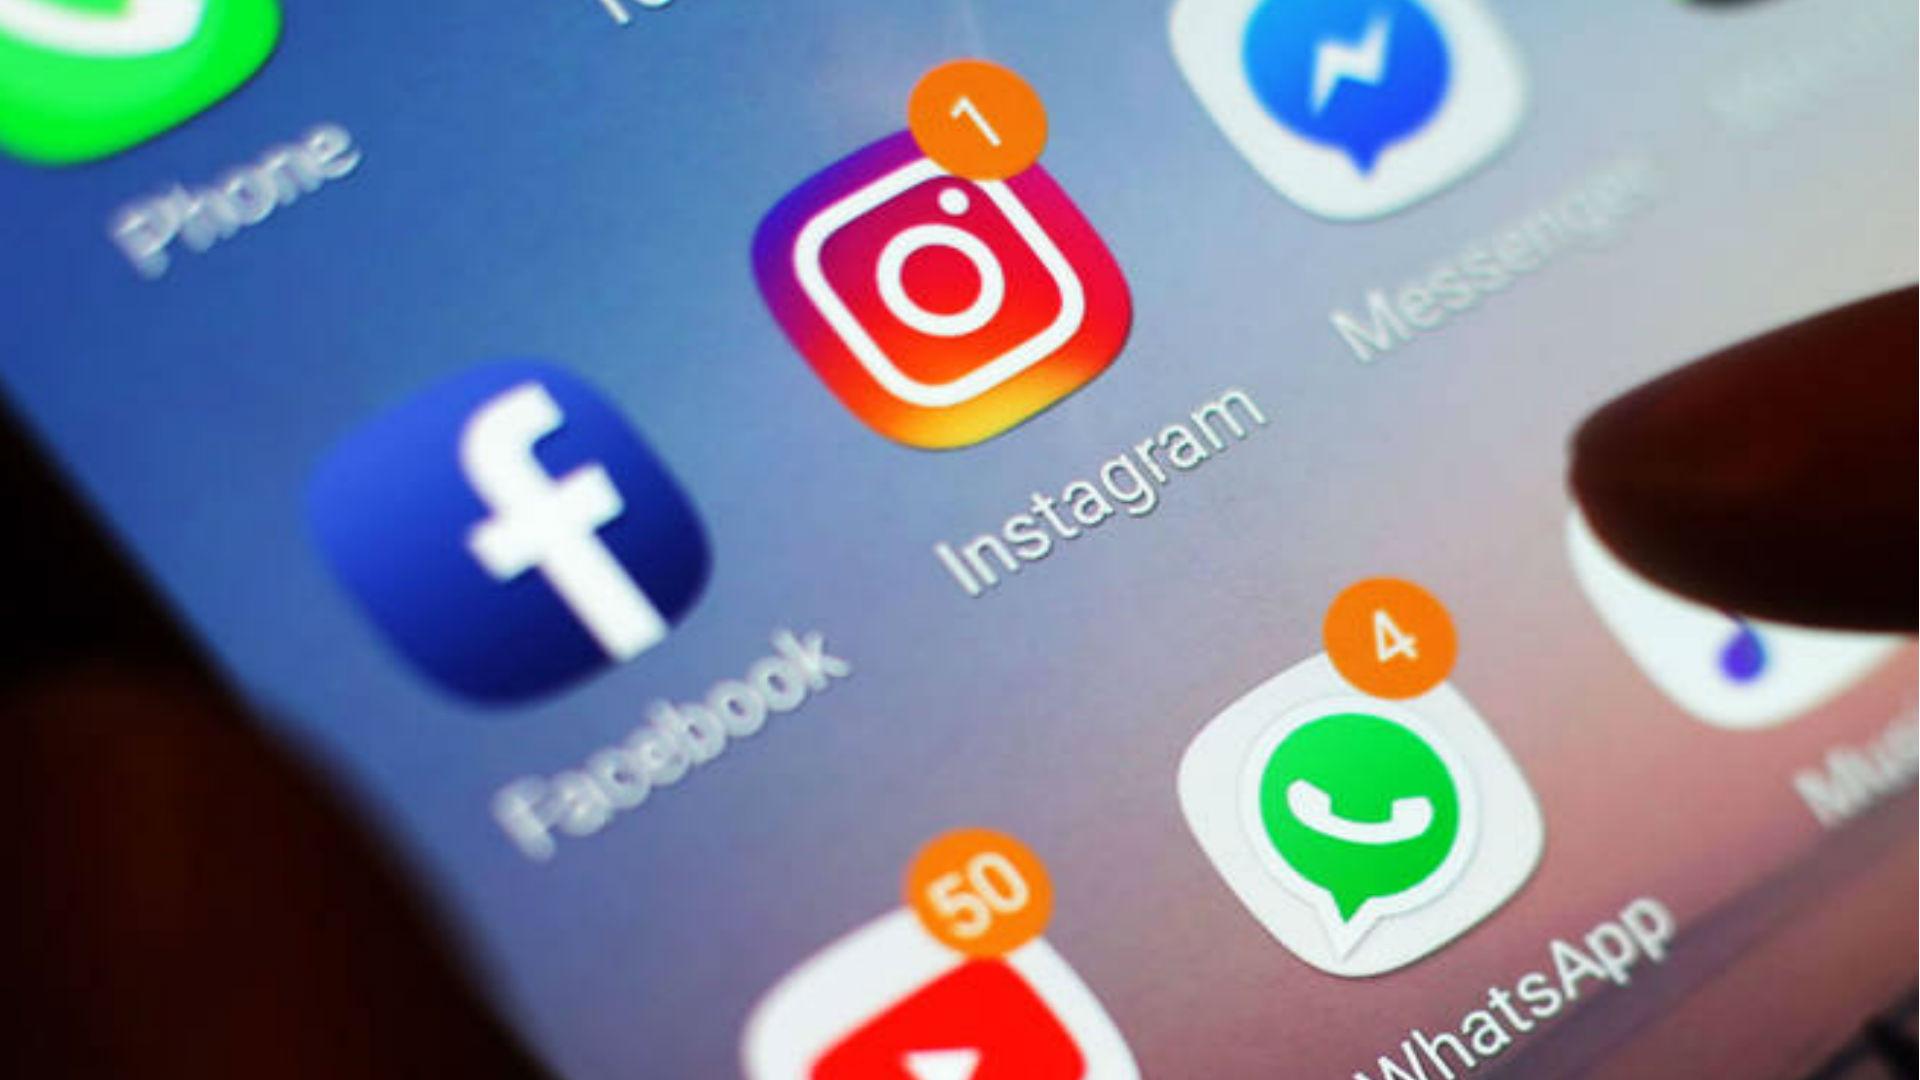 WhatsApp, Facebook और Instagram 9 घंटे तक रहे बंद, दुनियाभर में 4 अरब यूजर्स हुए परेशान